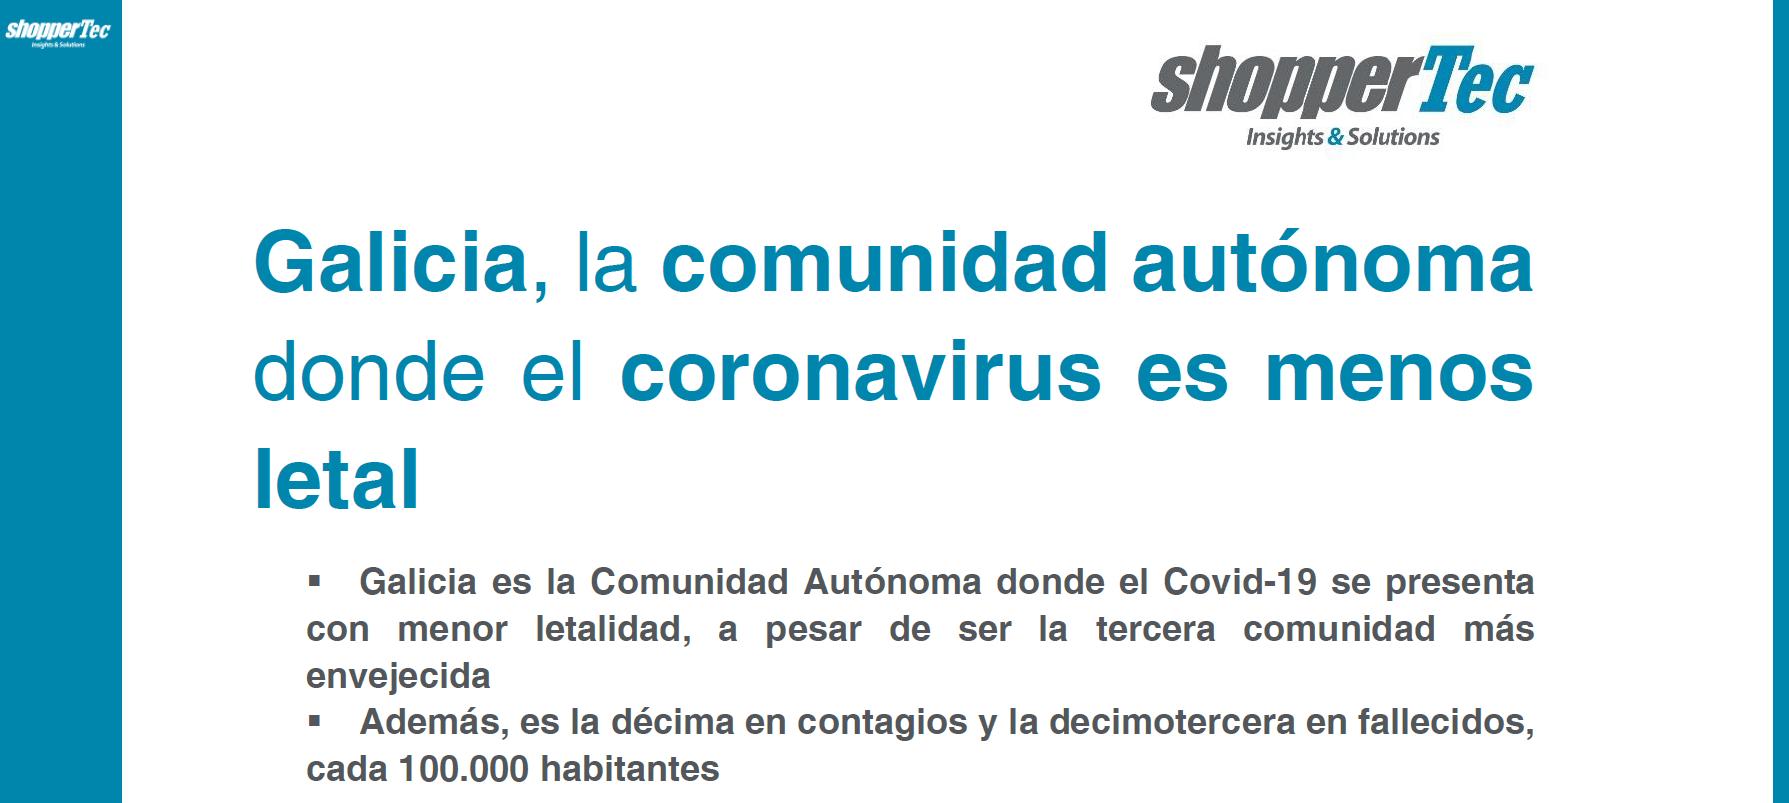 Galicia es la comunidad autónoma donde el coronavirus es menos letal